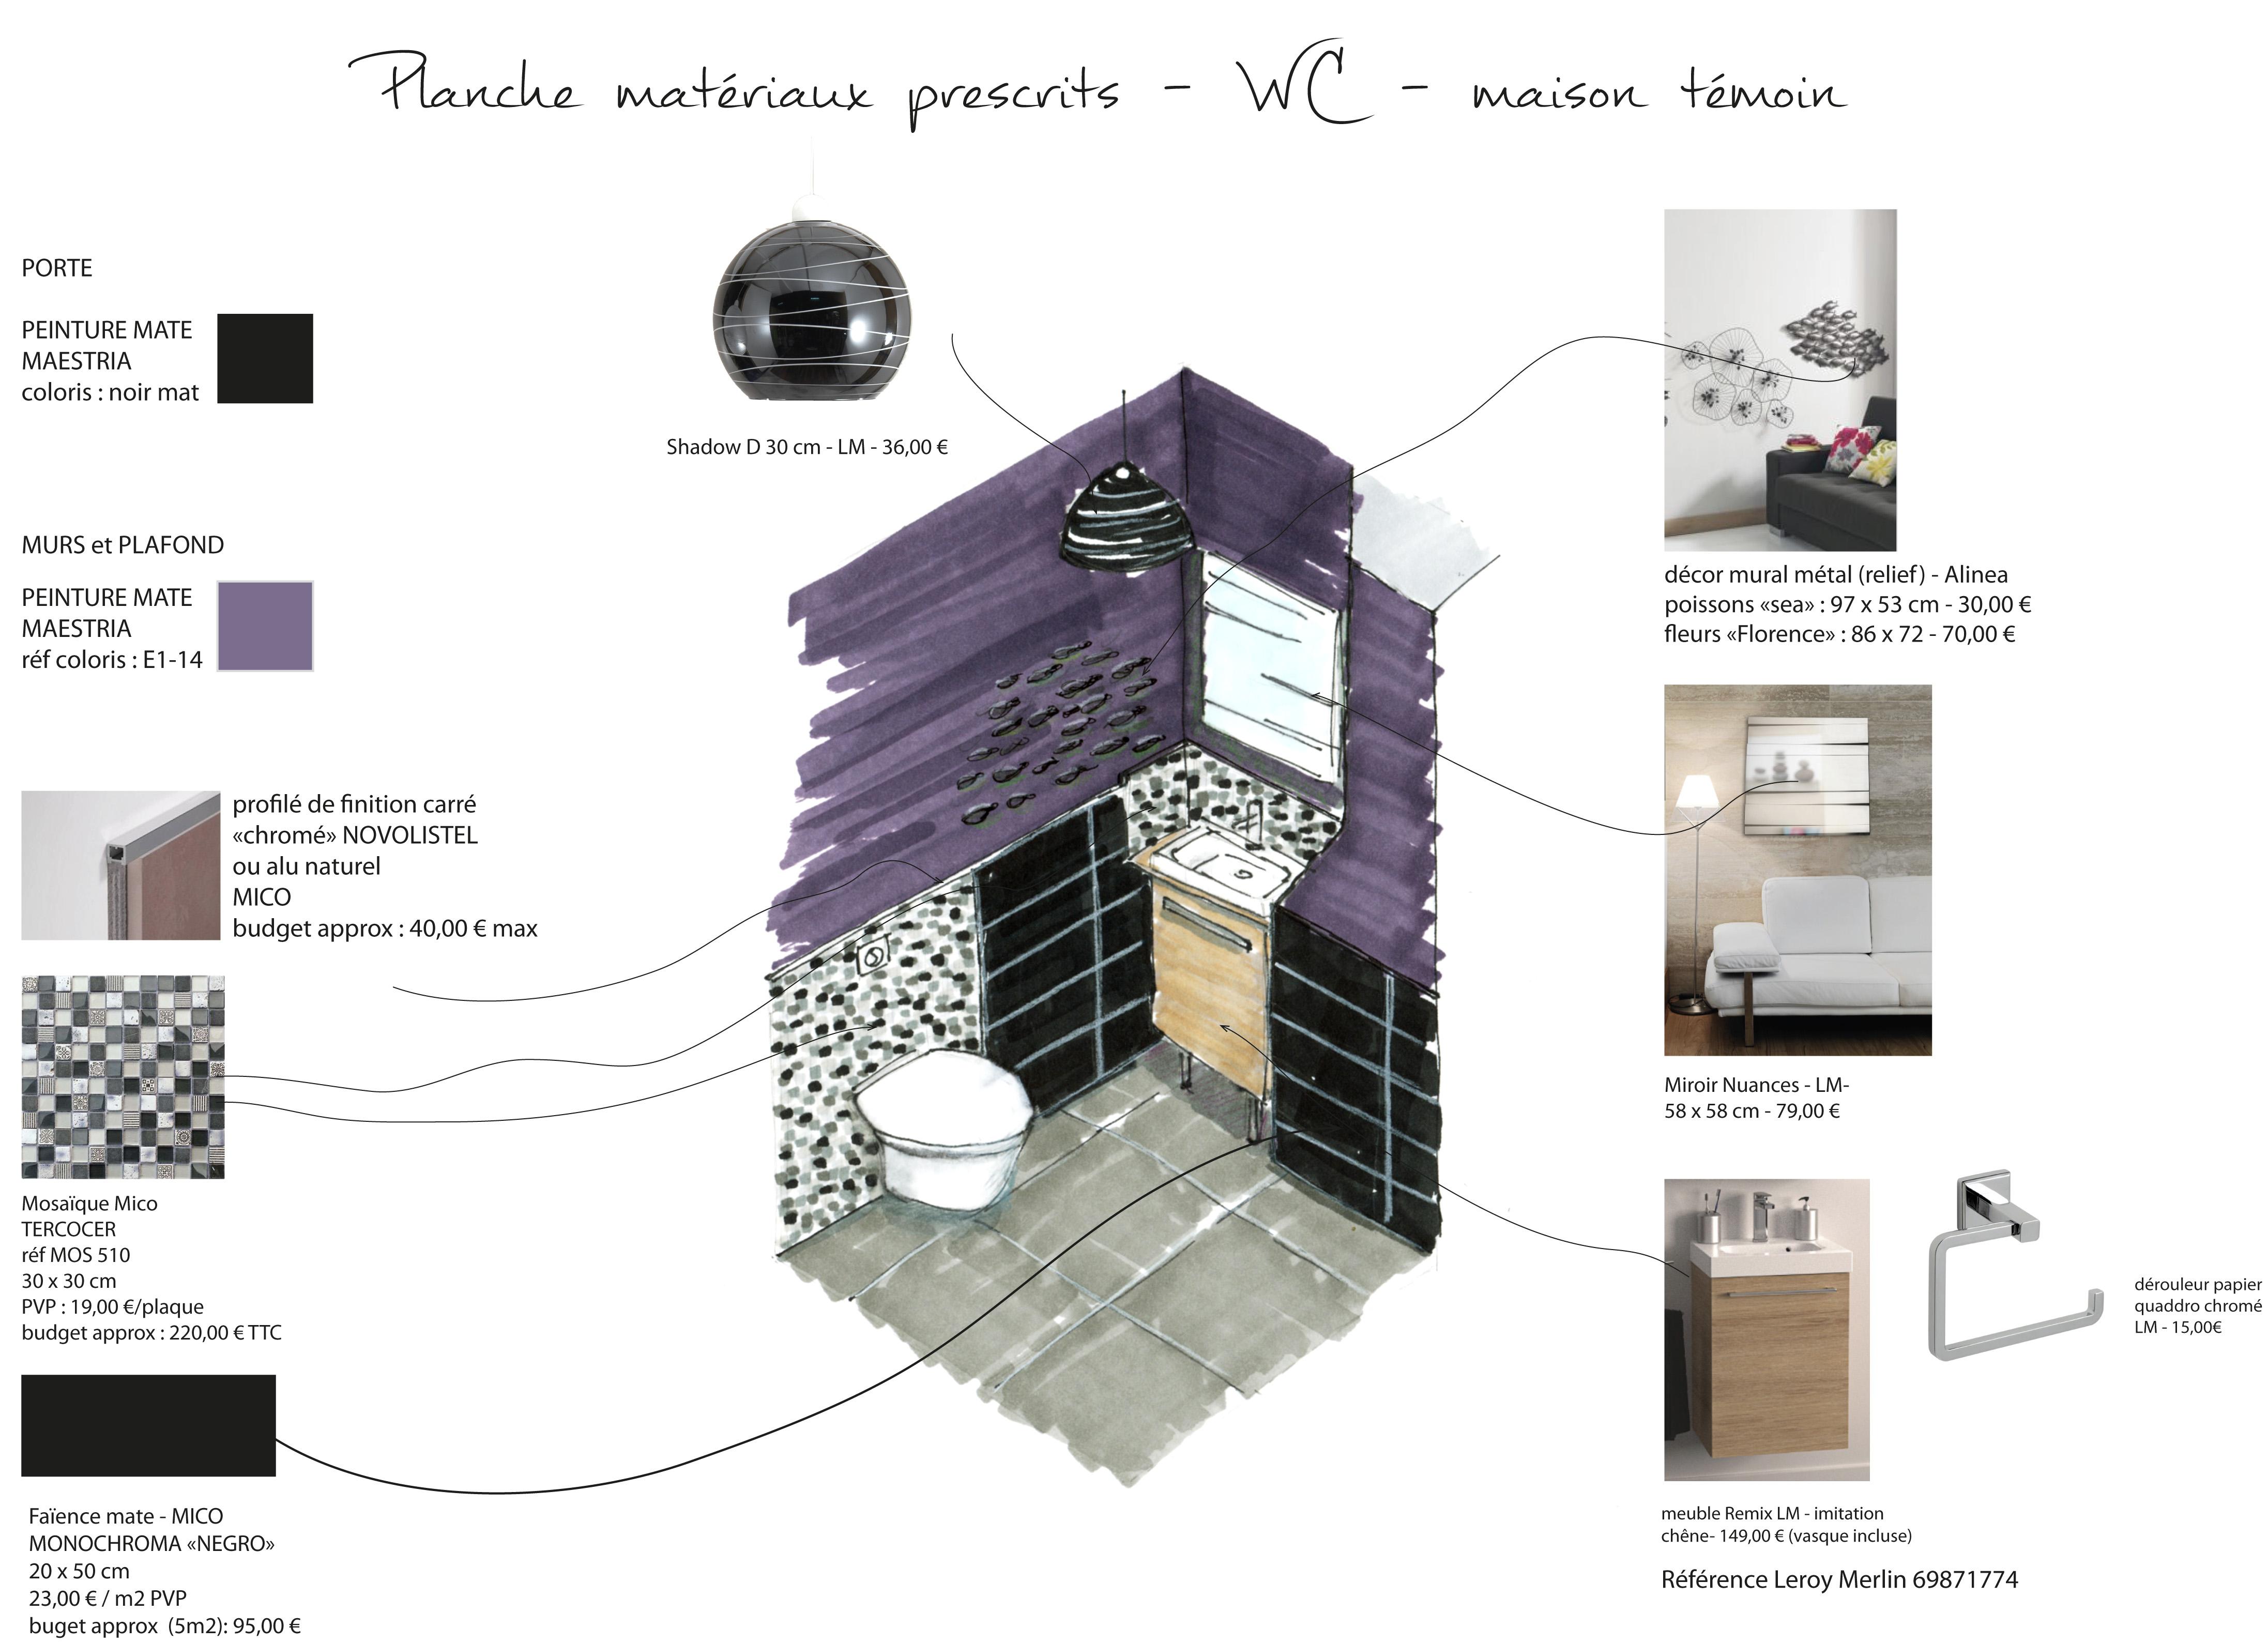 Agencement Et Idées De Décoration Pour Une Maison Témoin Mirepoix